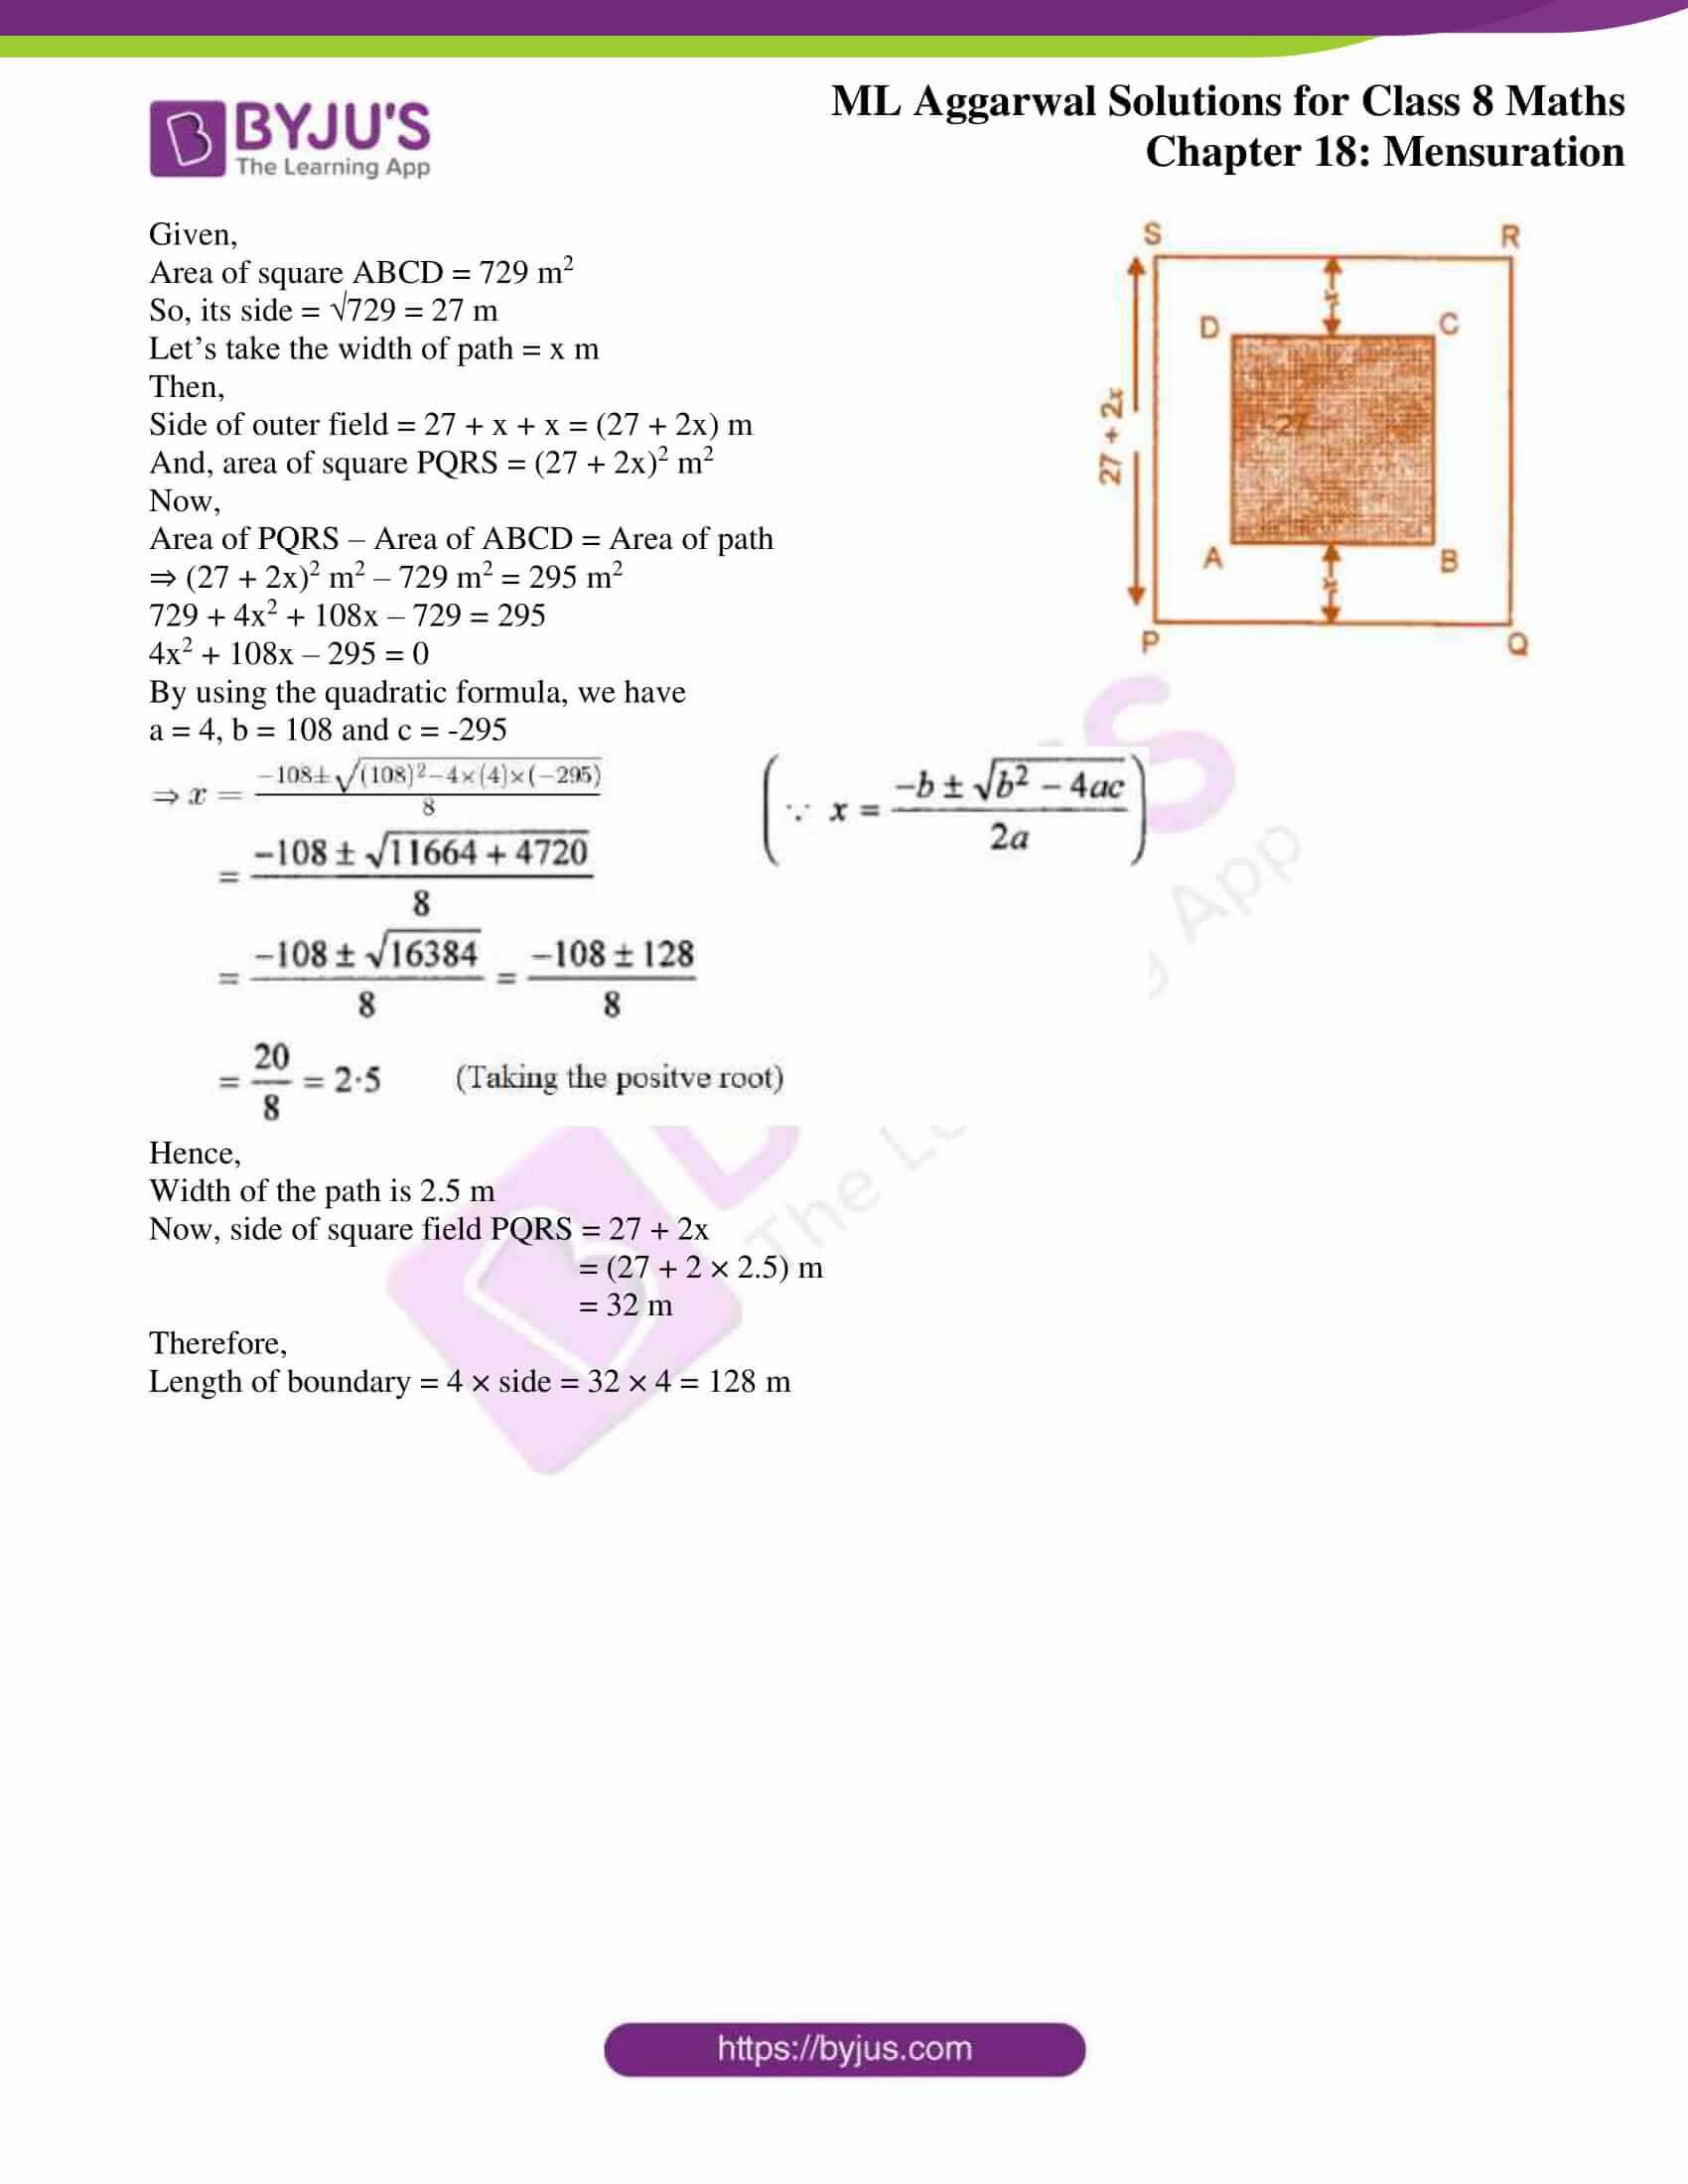 ml aggarwal sol mathematics class 8 ch 18 07